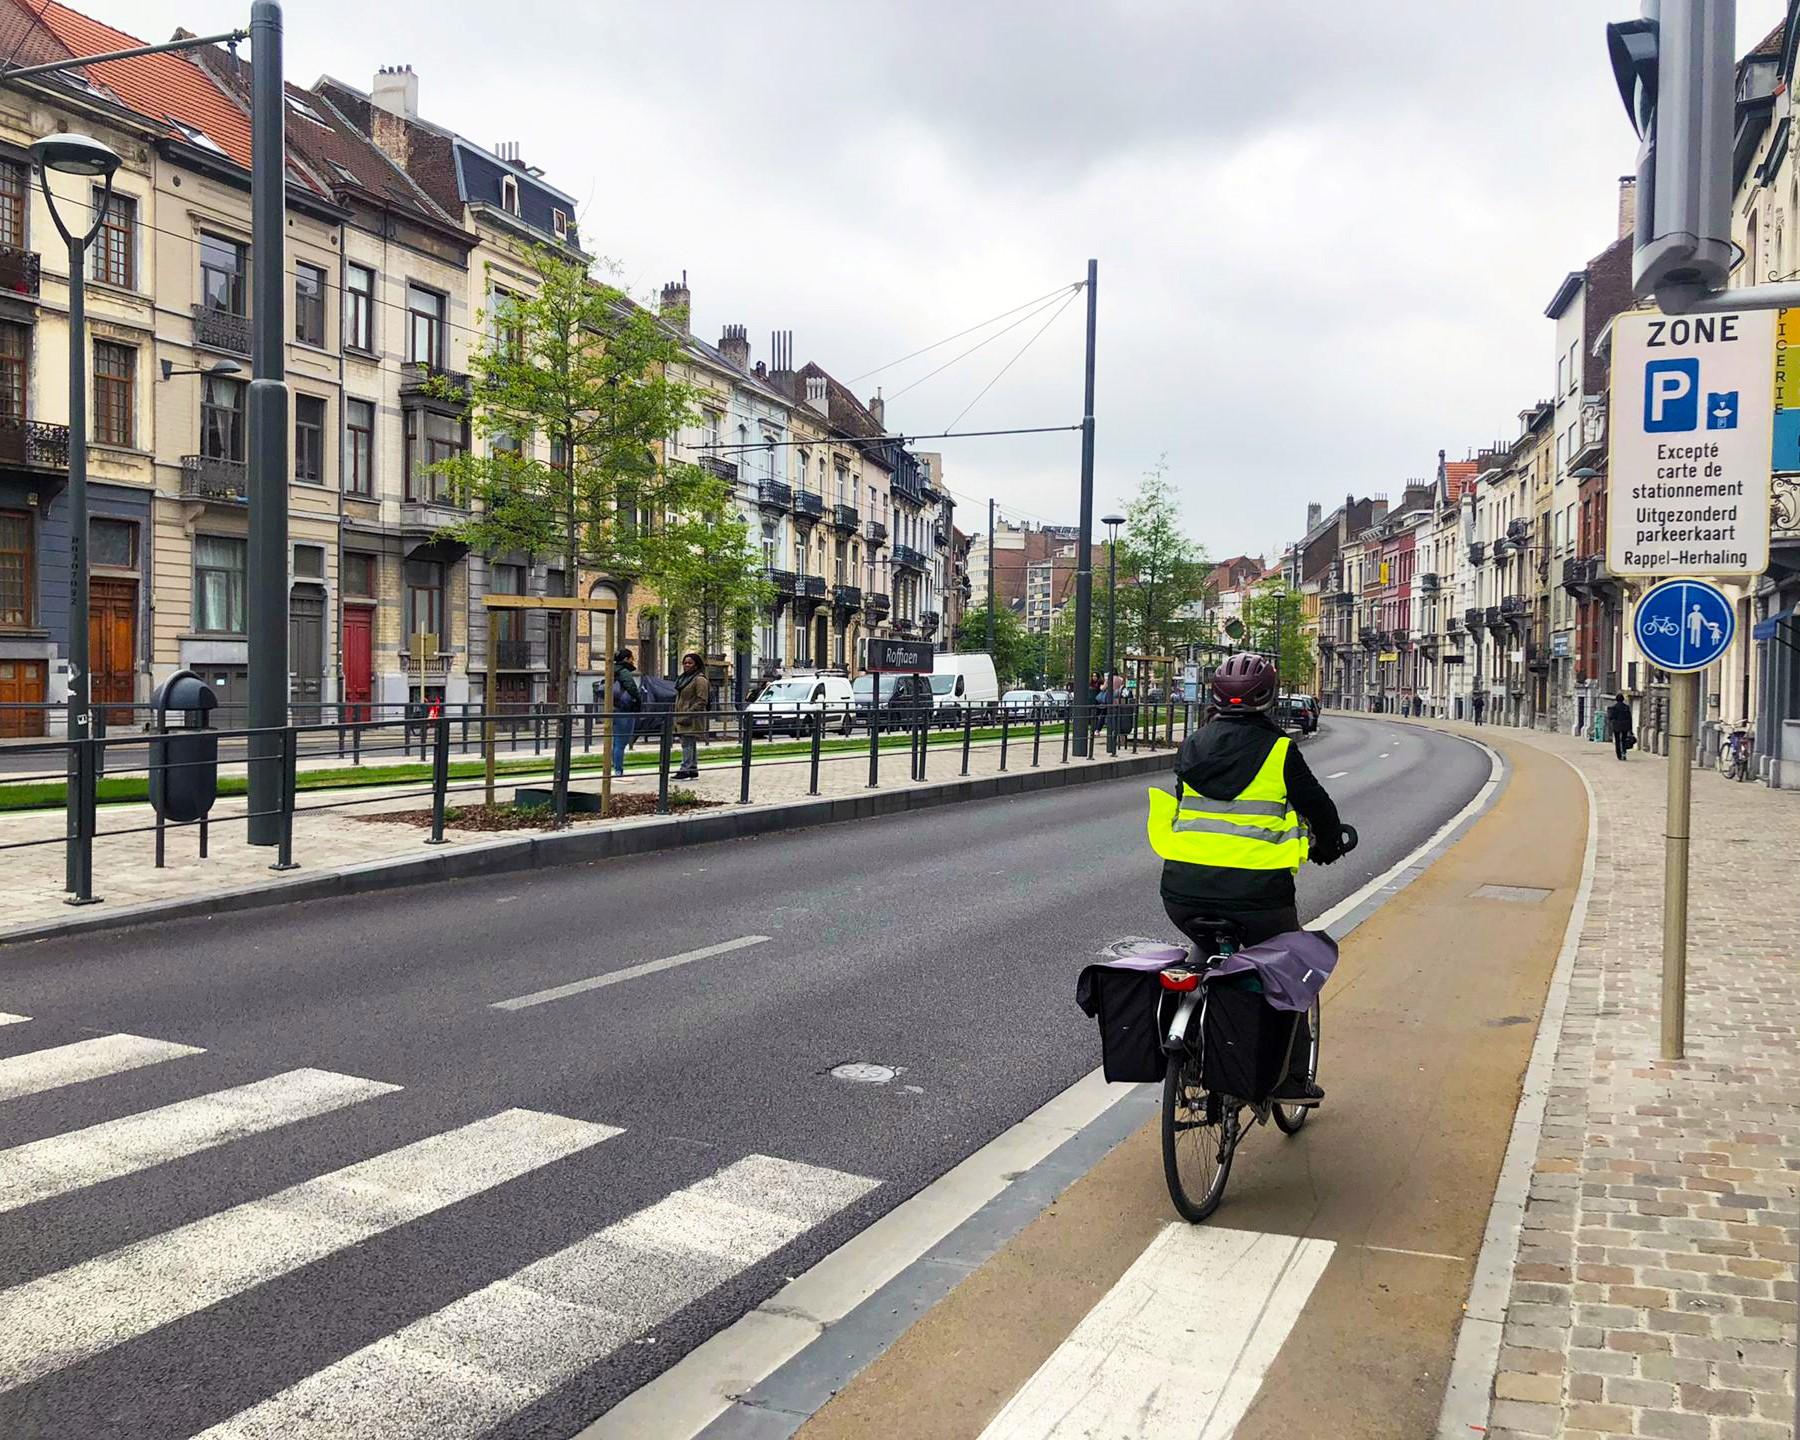 Boulevard Général jacques 3